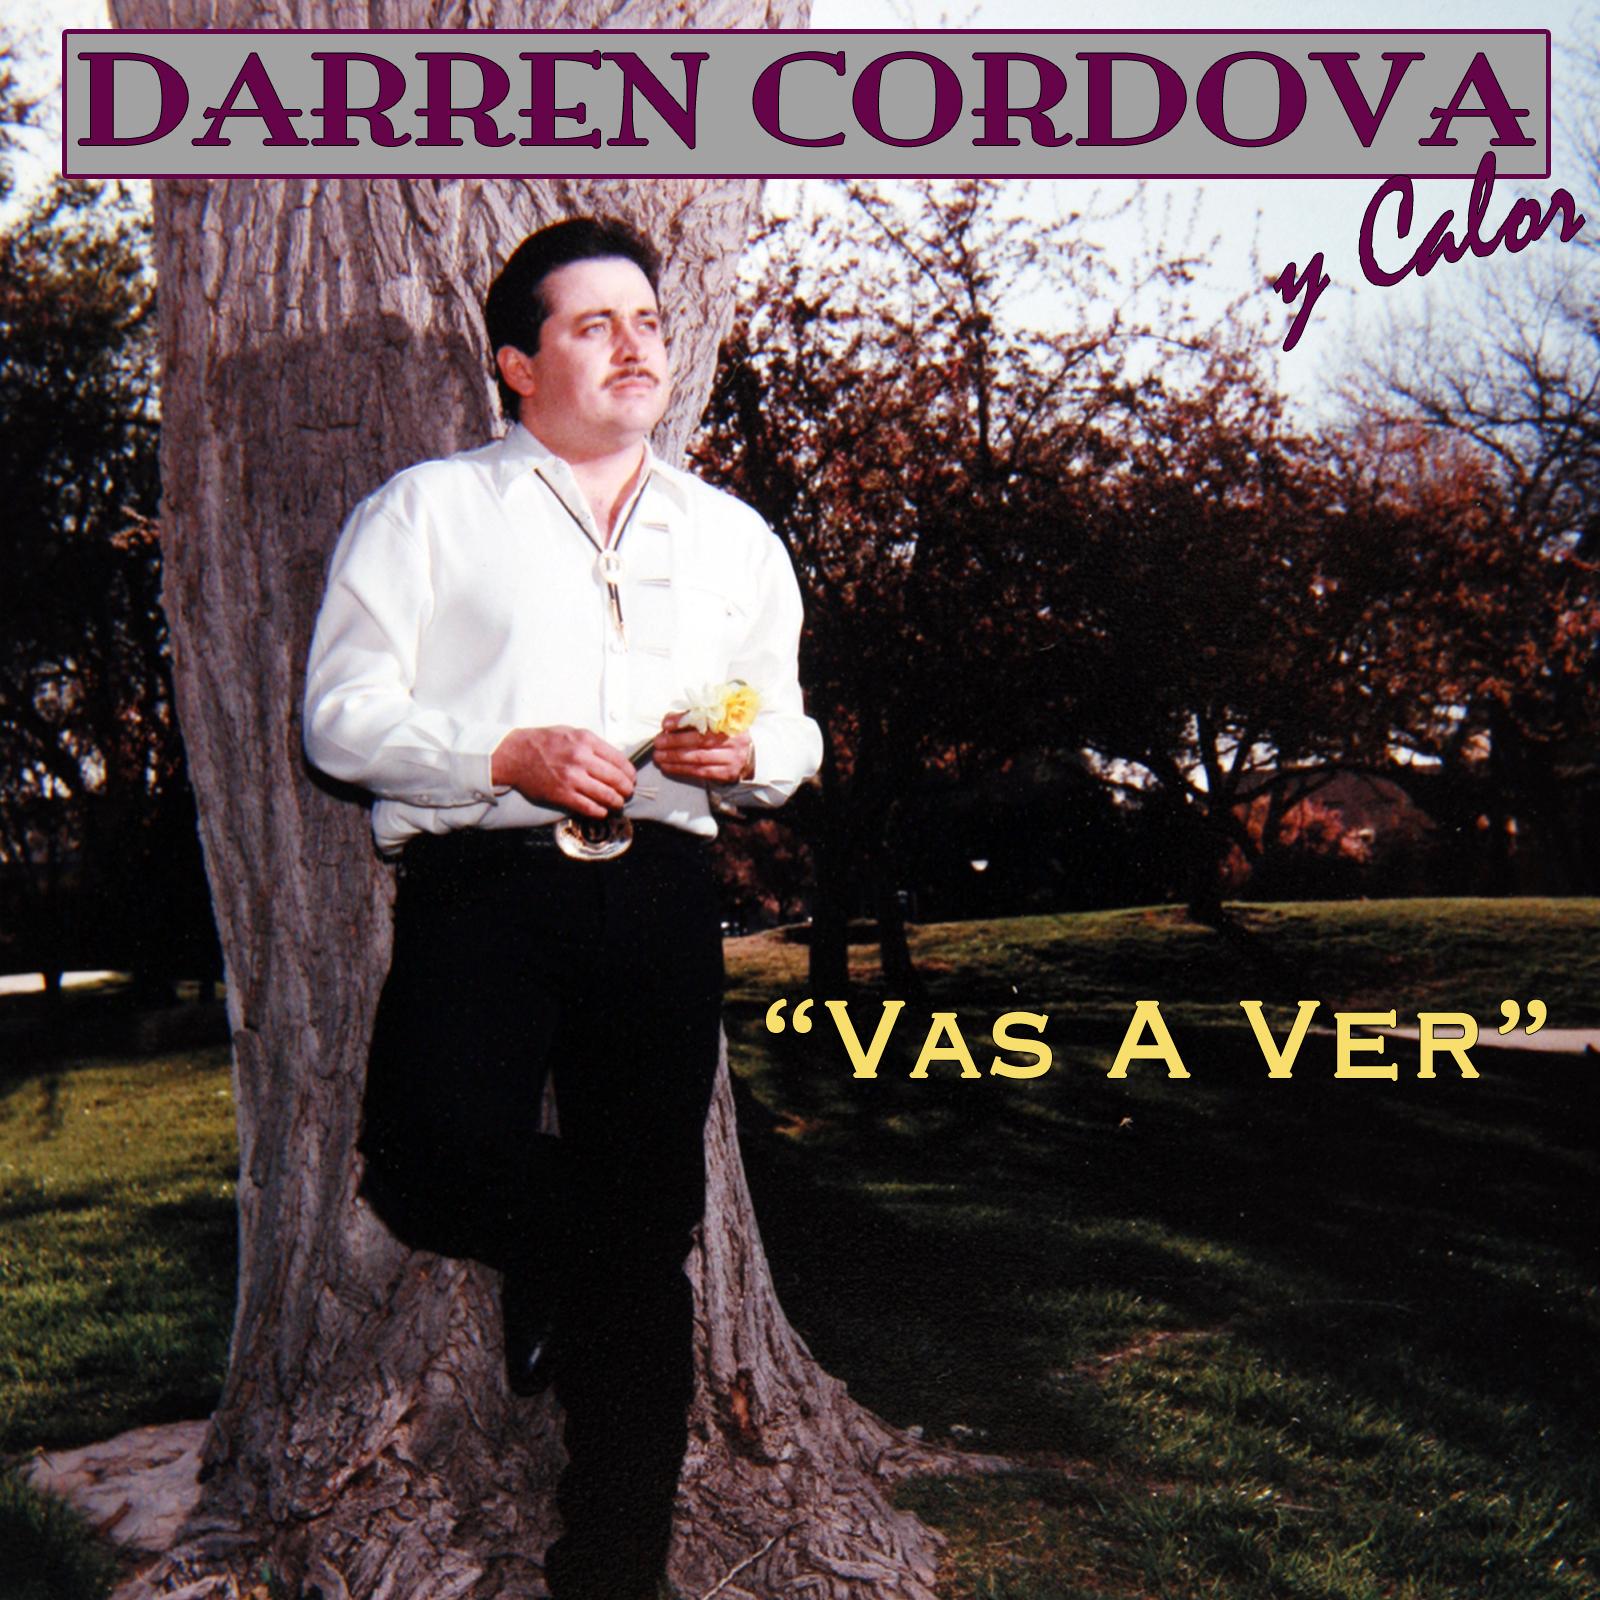 Vas A Ver by Darren Cordova Y Calor